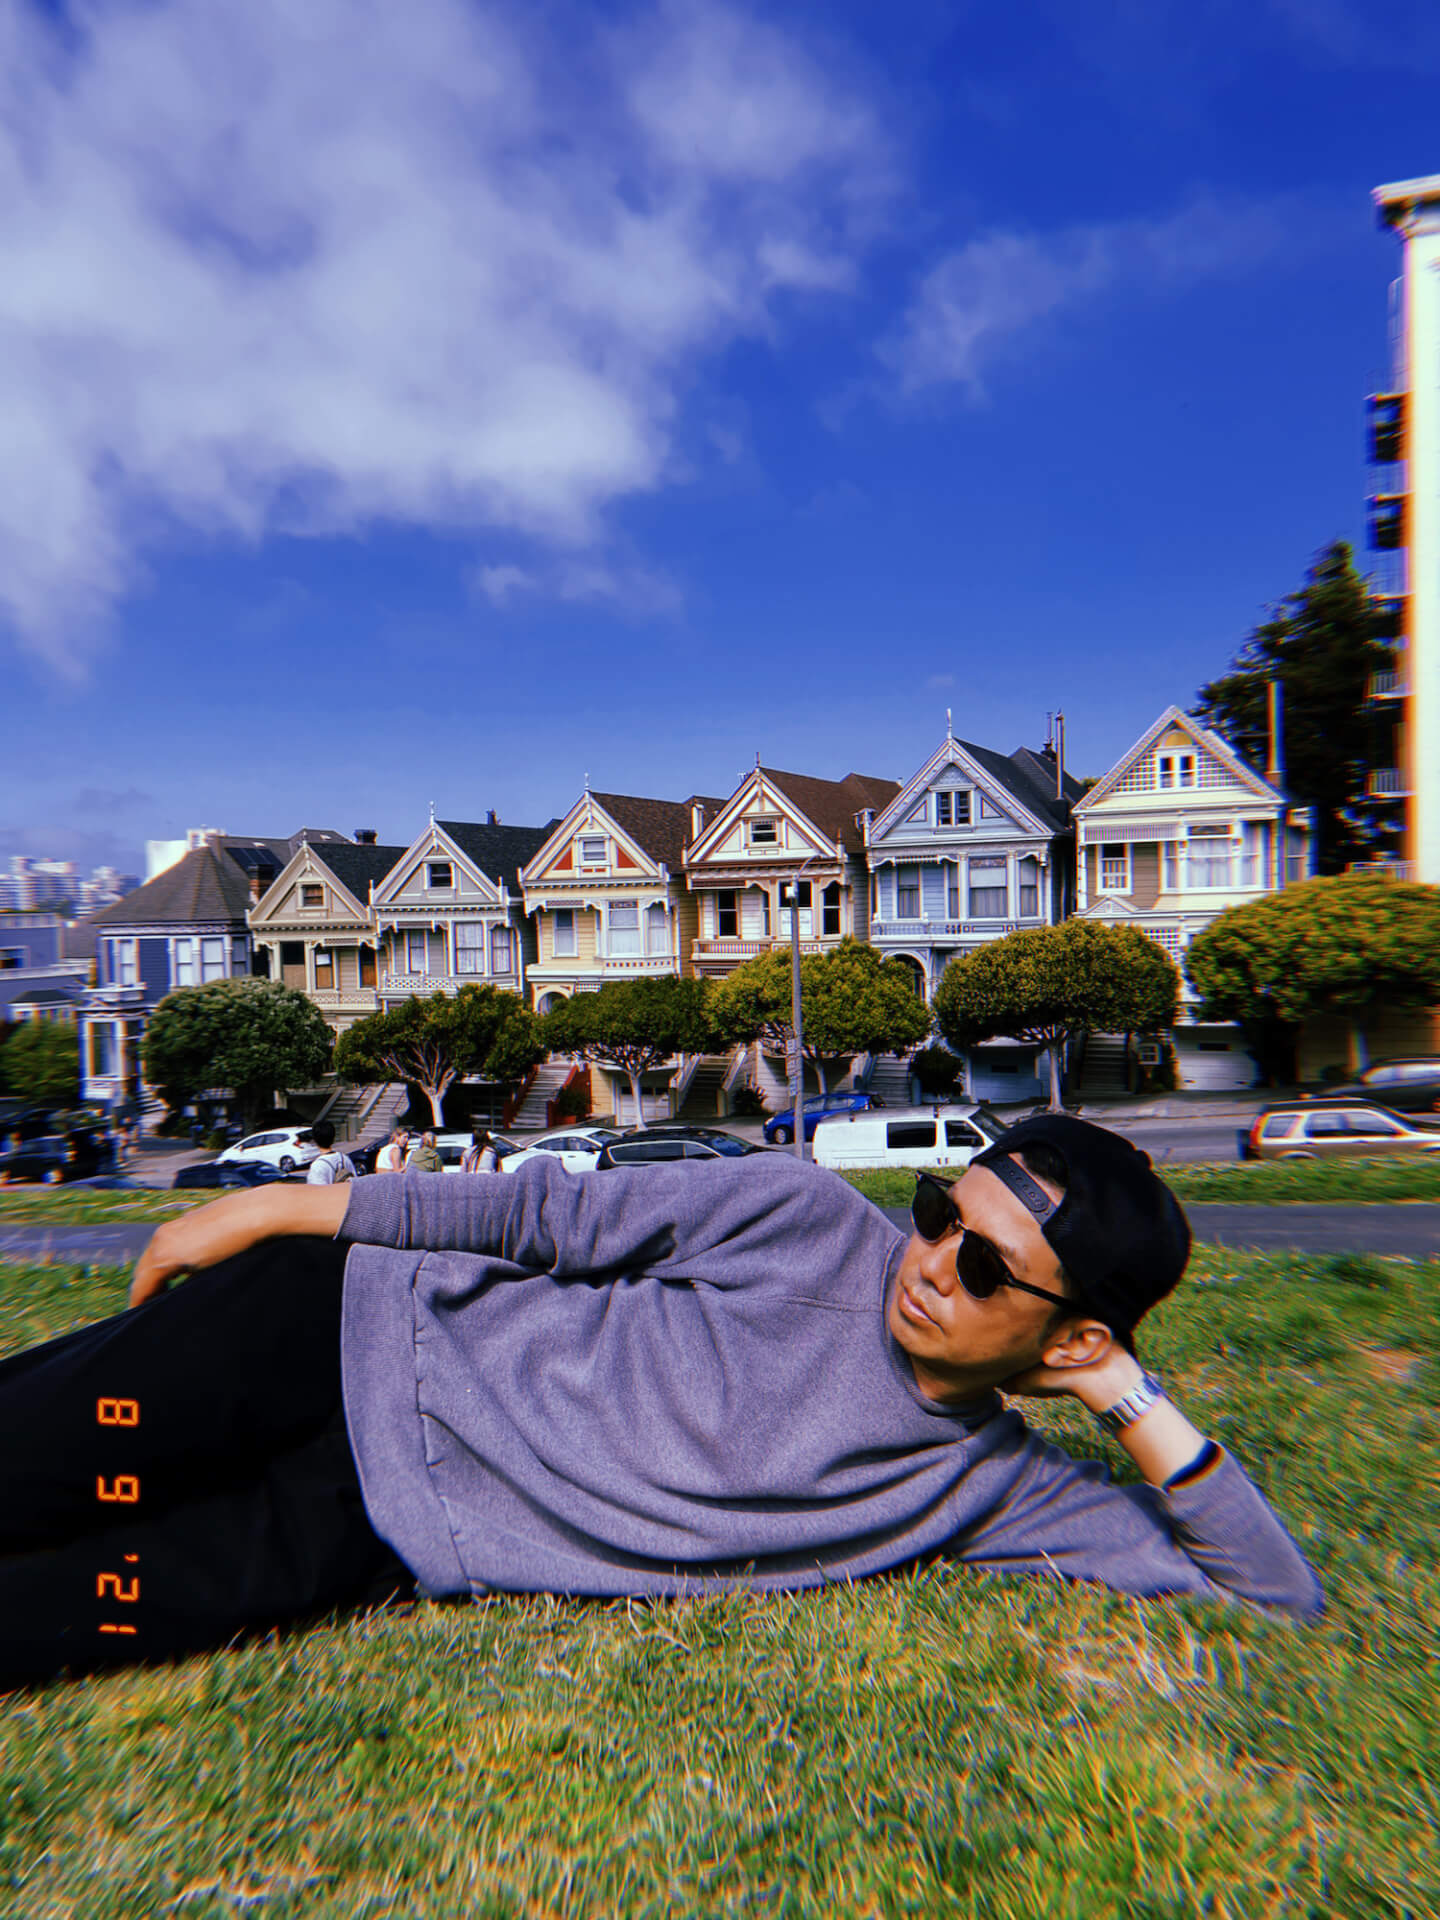 ピース綾部祐二のサンフランシスコ〜LAバイク旅を追う interview2109-yuji-ayabe-LA-4